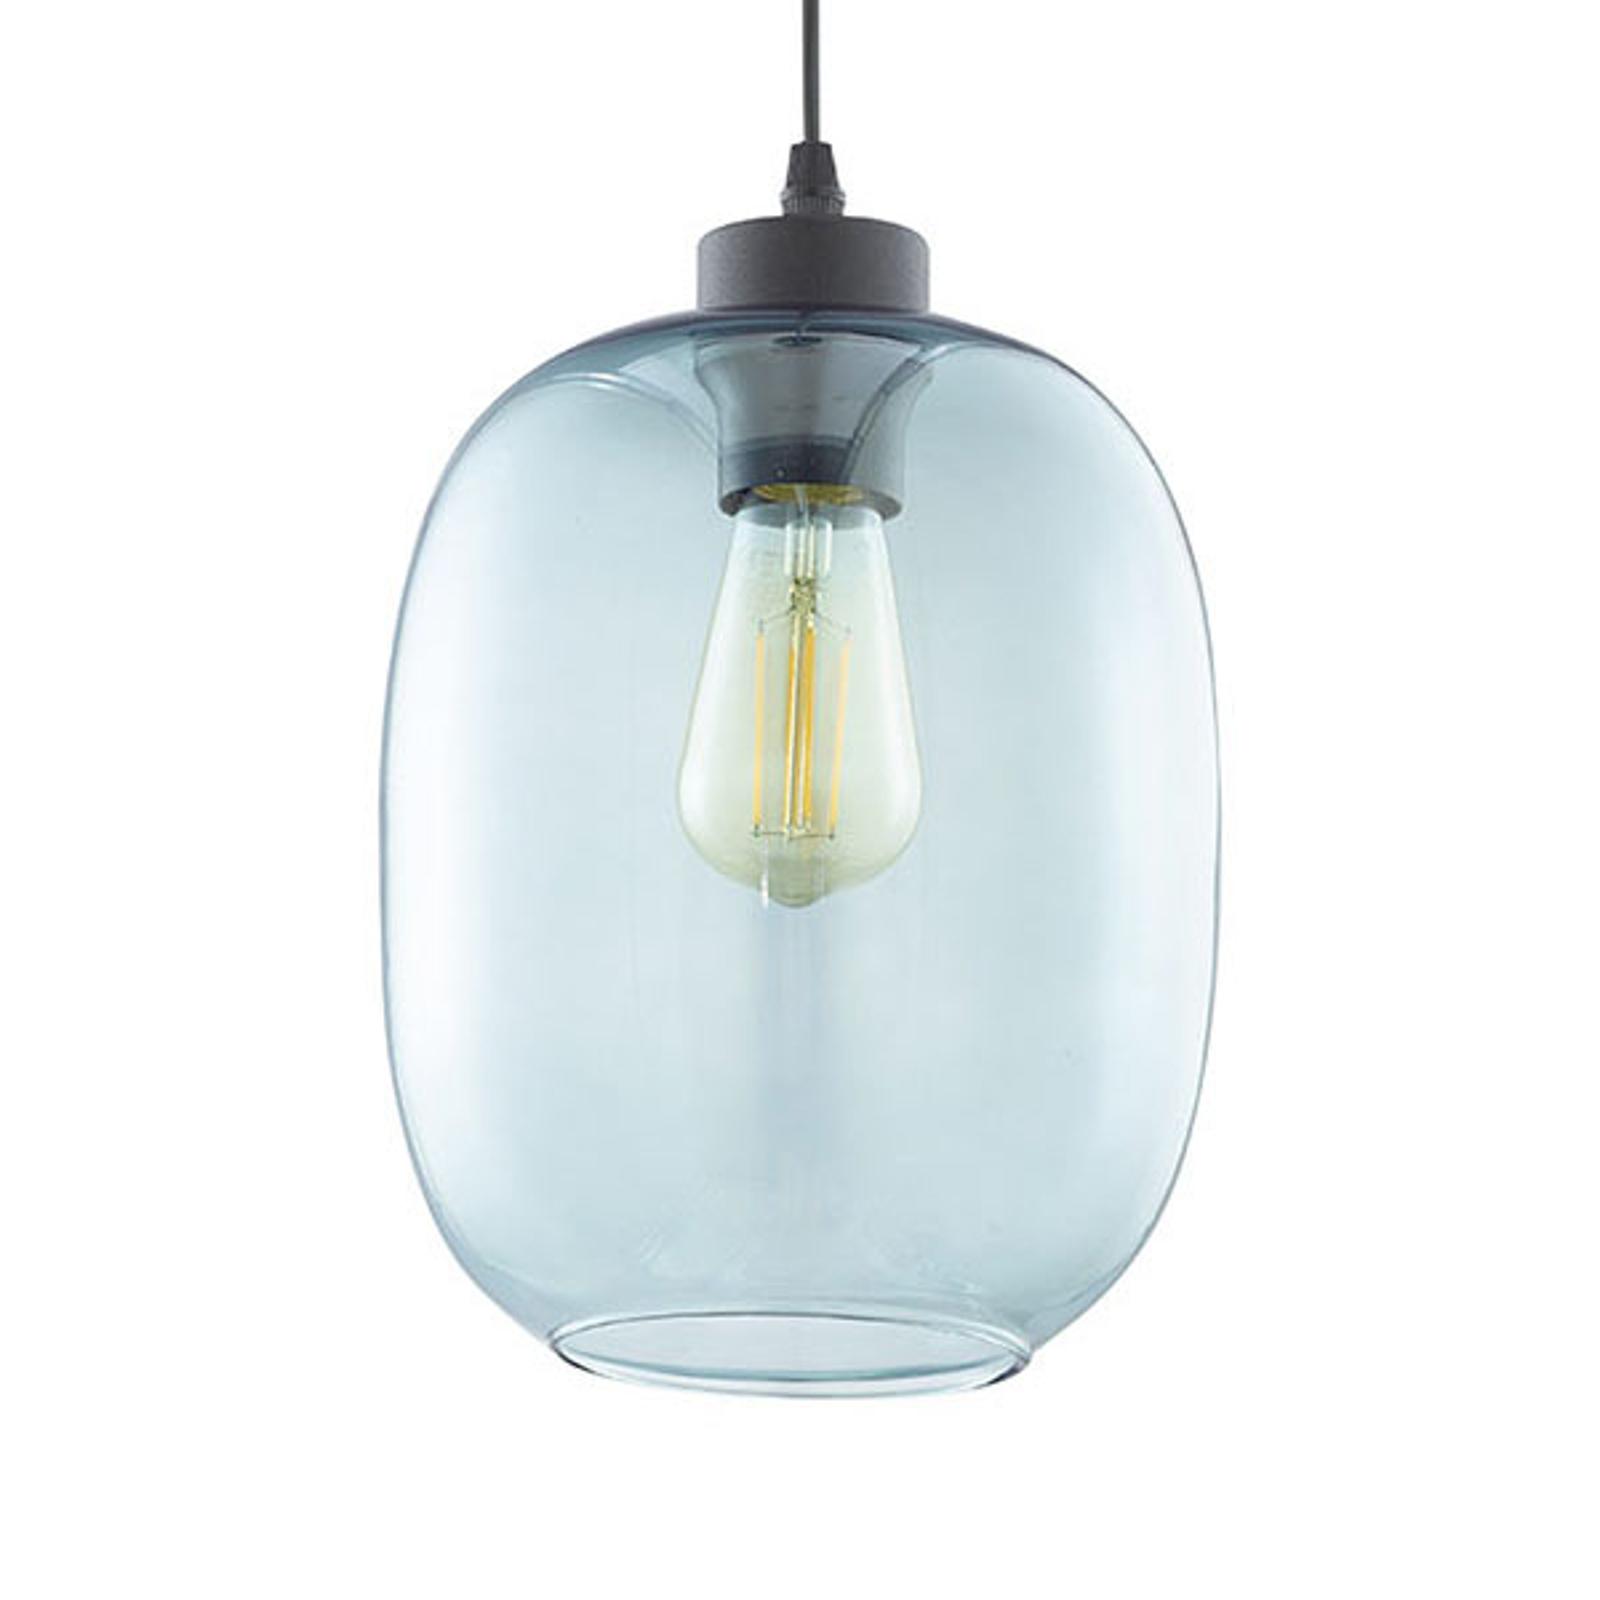 Lampa wisząca Elio, 1-punktowa, niebieska